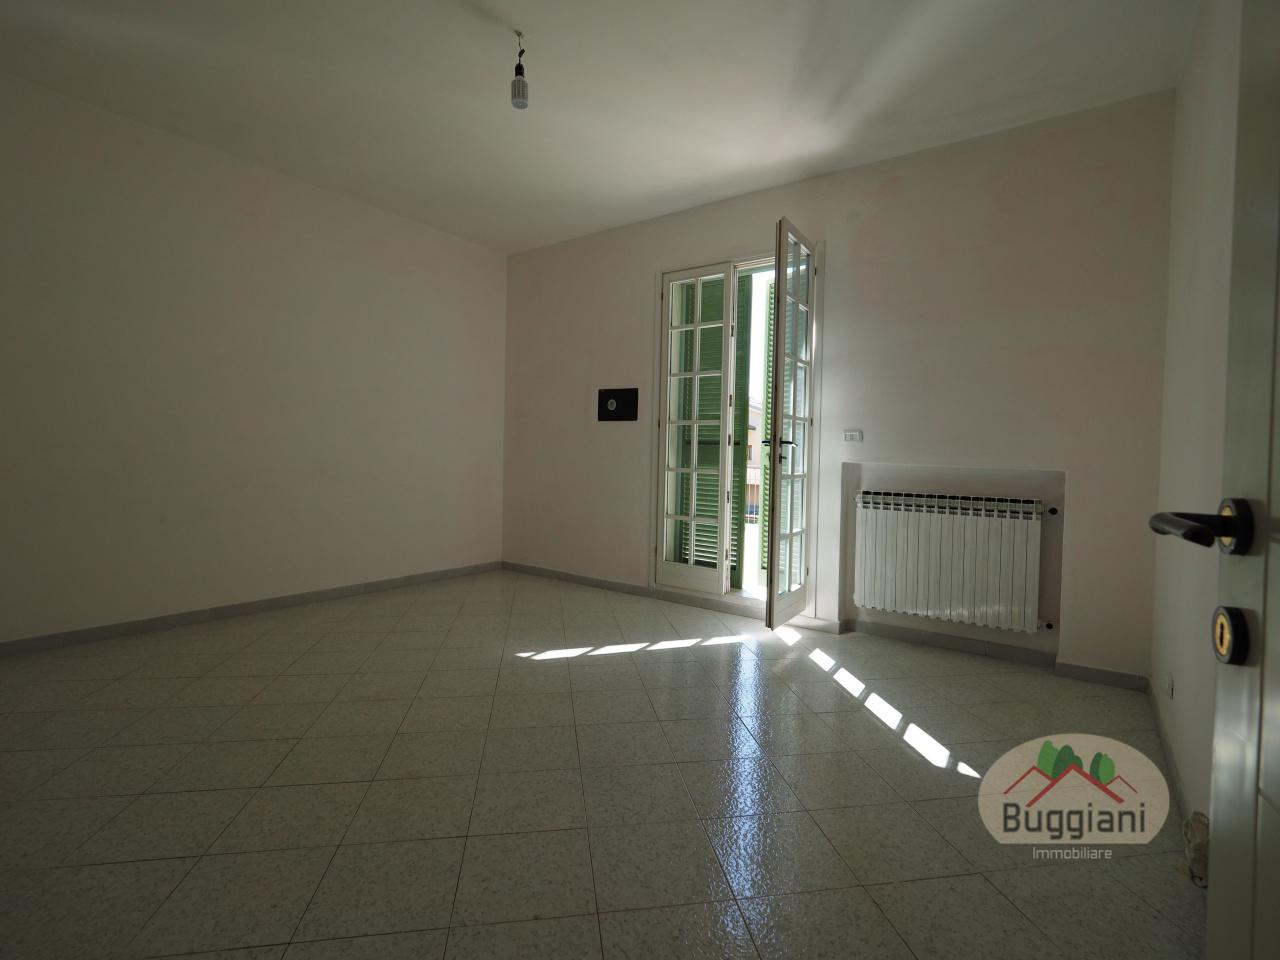 Appartamento in vendita RIF. 1781, San Miniato (PI)